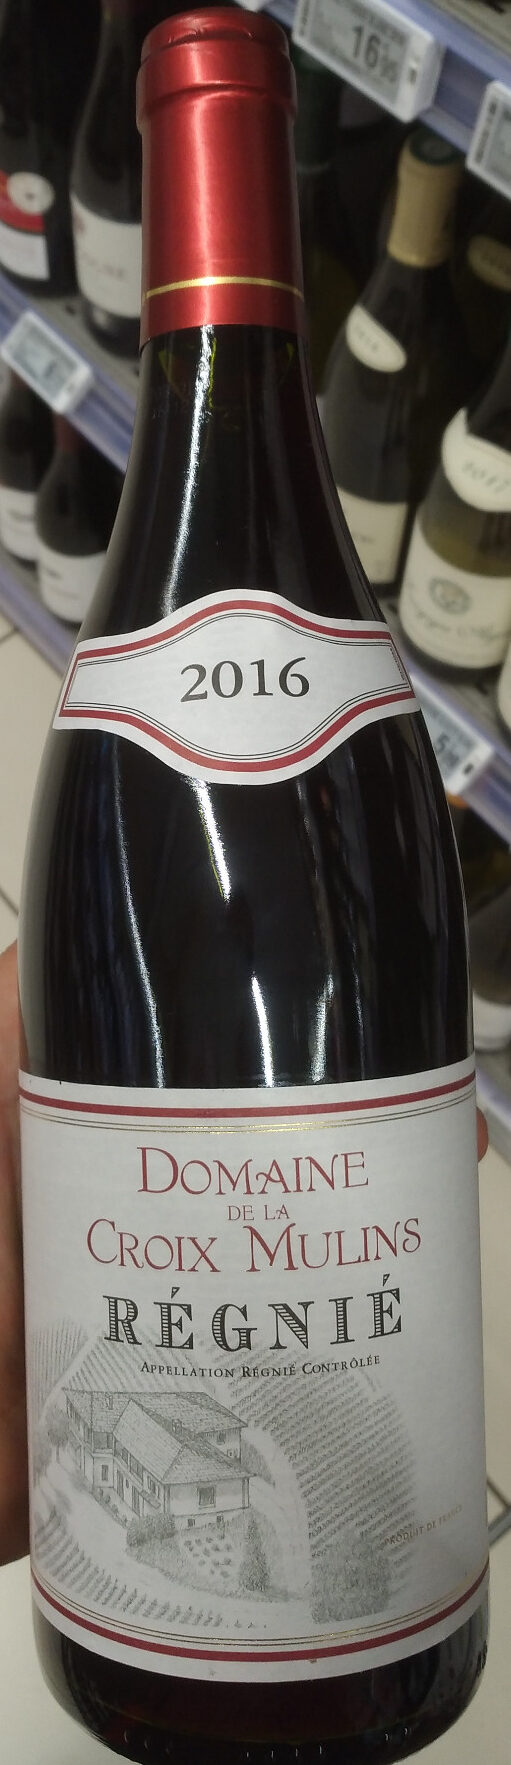 Régnié 2016 - Produit - fr